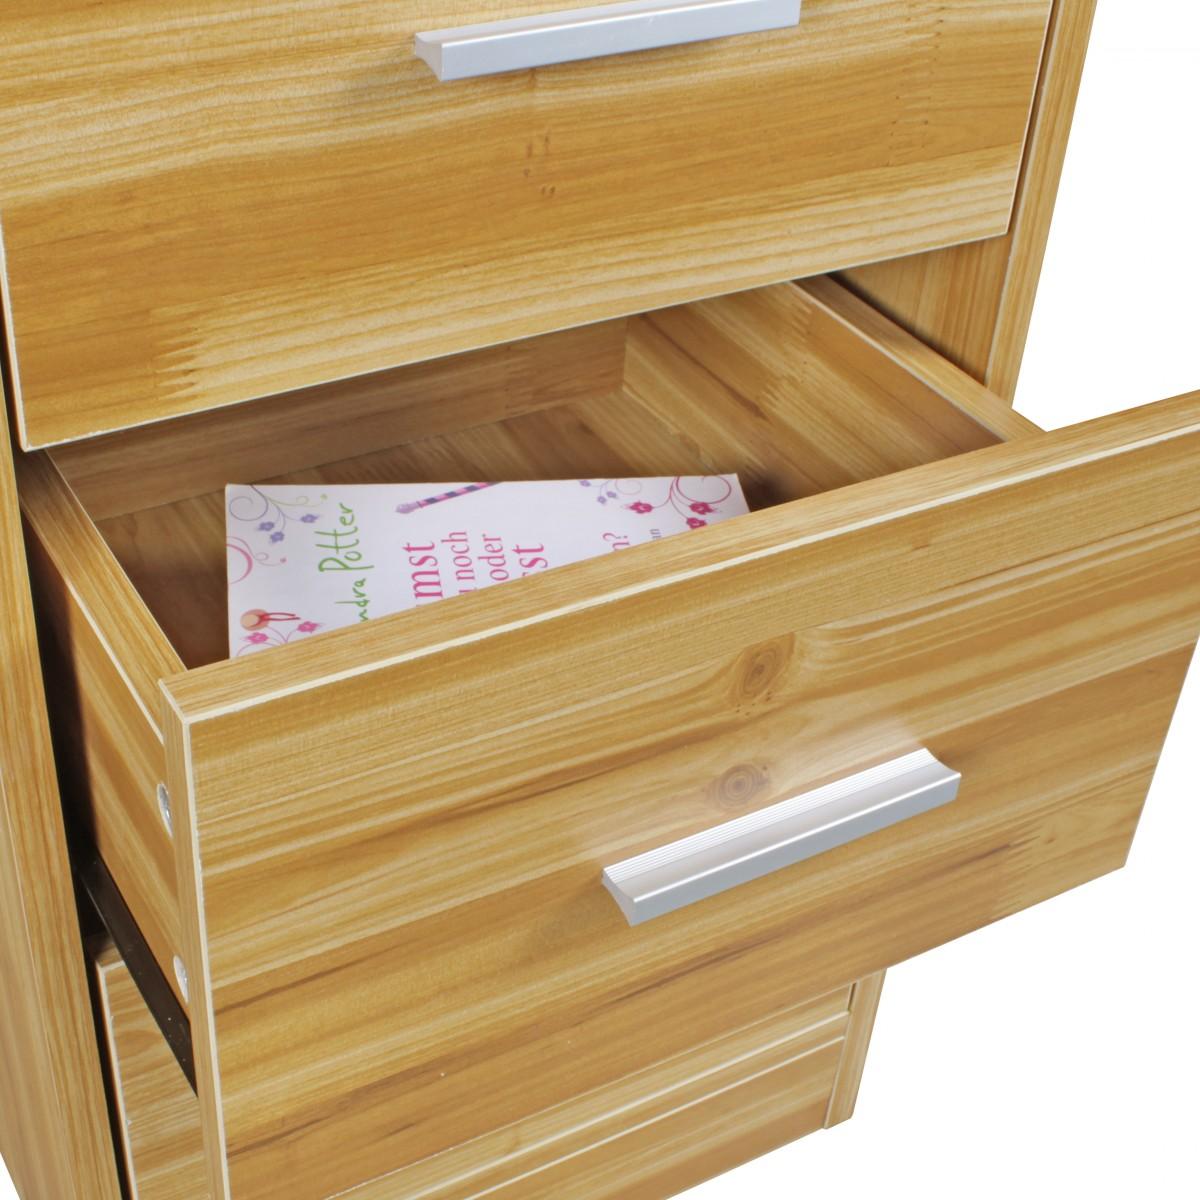 nachttisch schublade boxspringbett nachtschrank nachtkommode kommode buche holz ebay. Black Bedroom Furniture Sets. Home Design Ideas